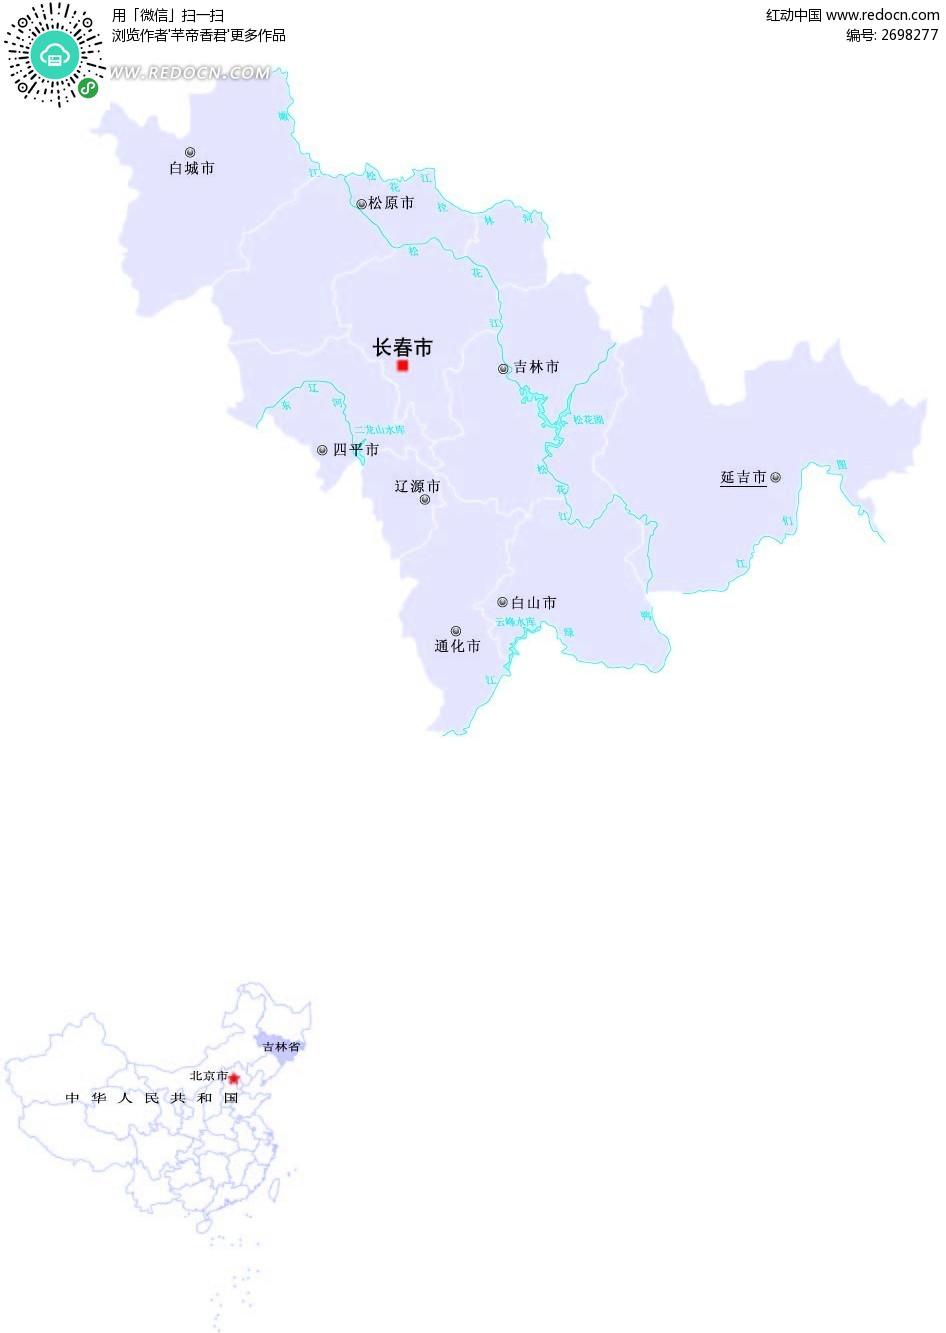 吉林省地图